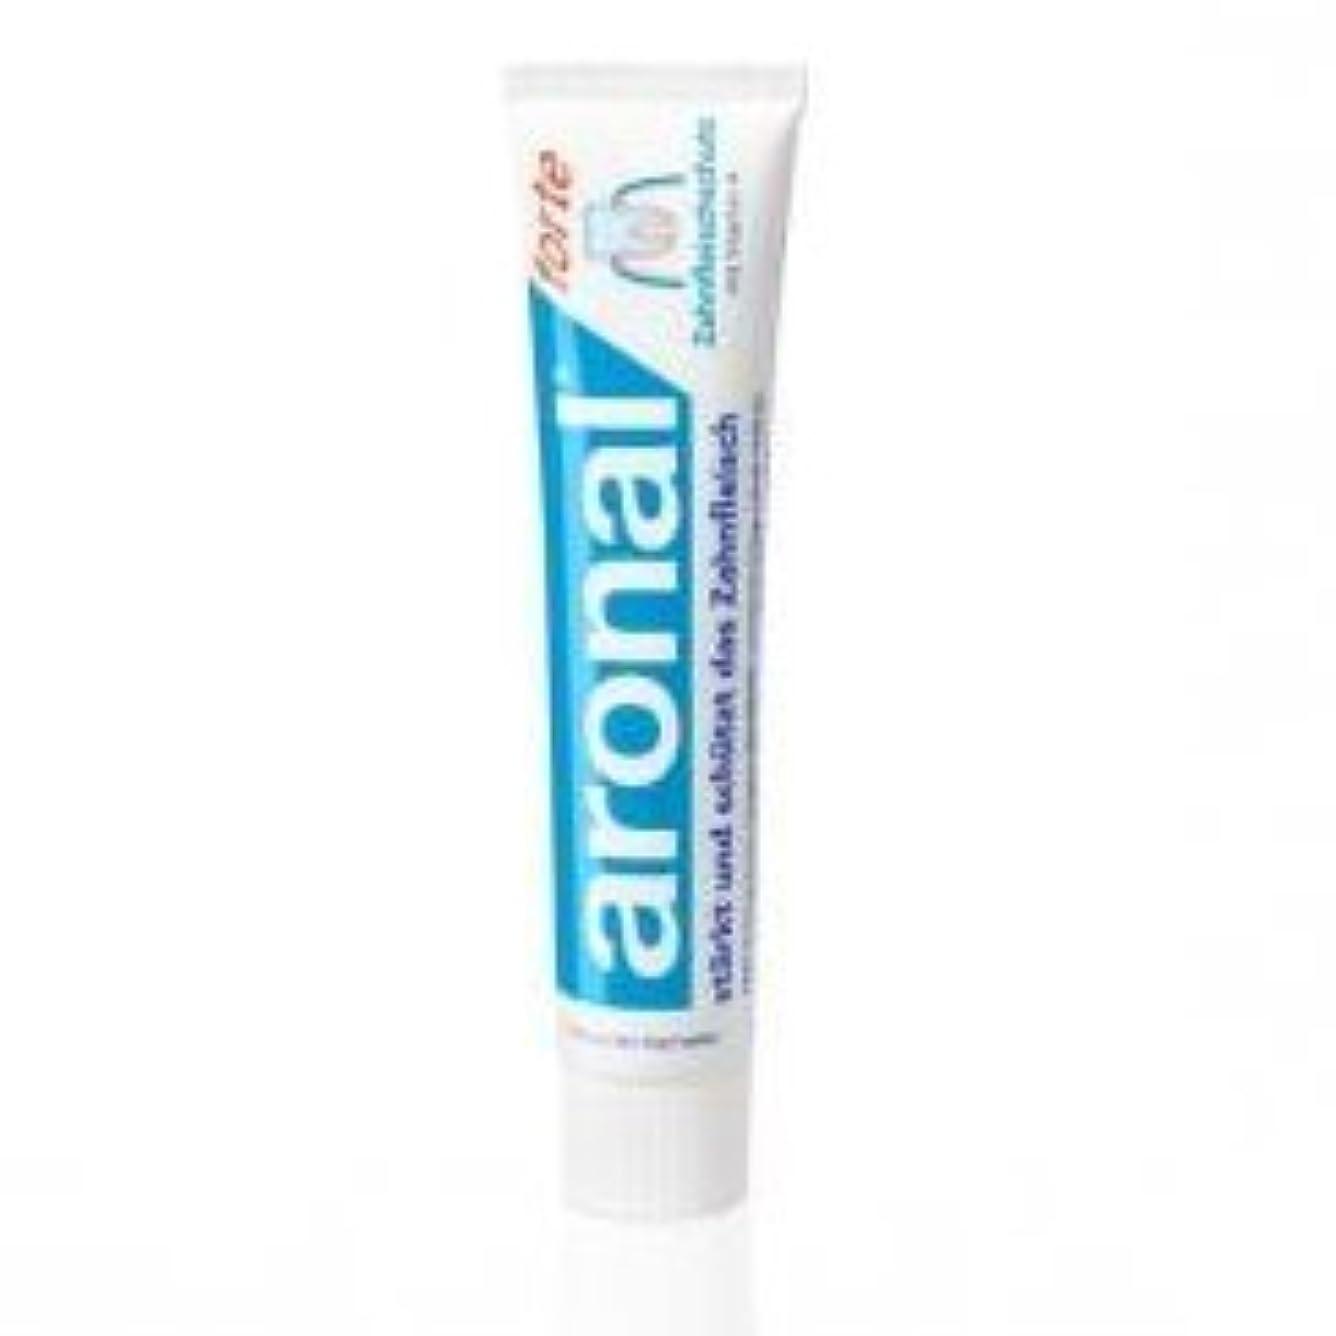 広告主ビリー広くアロナール(ビタミンA配合) 歯磨き粉 75ml x 1Pack (elmex aronal toothpaste 75ml) 【並行輸入品】